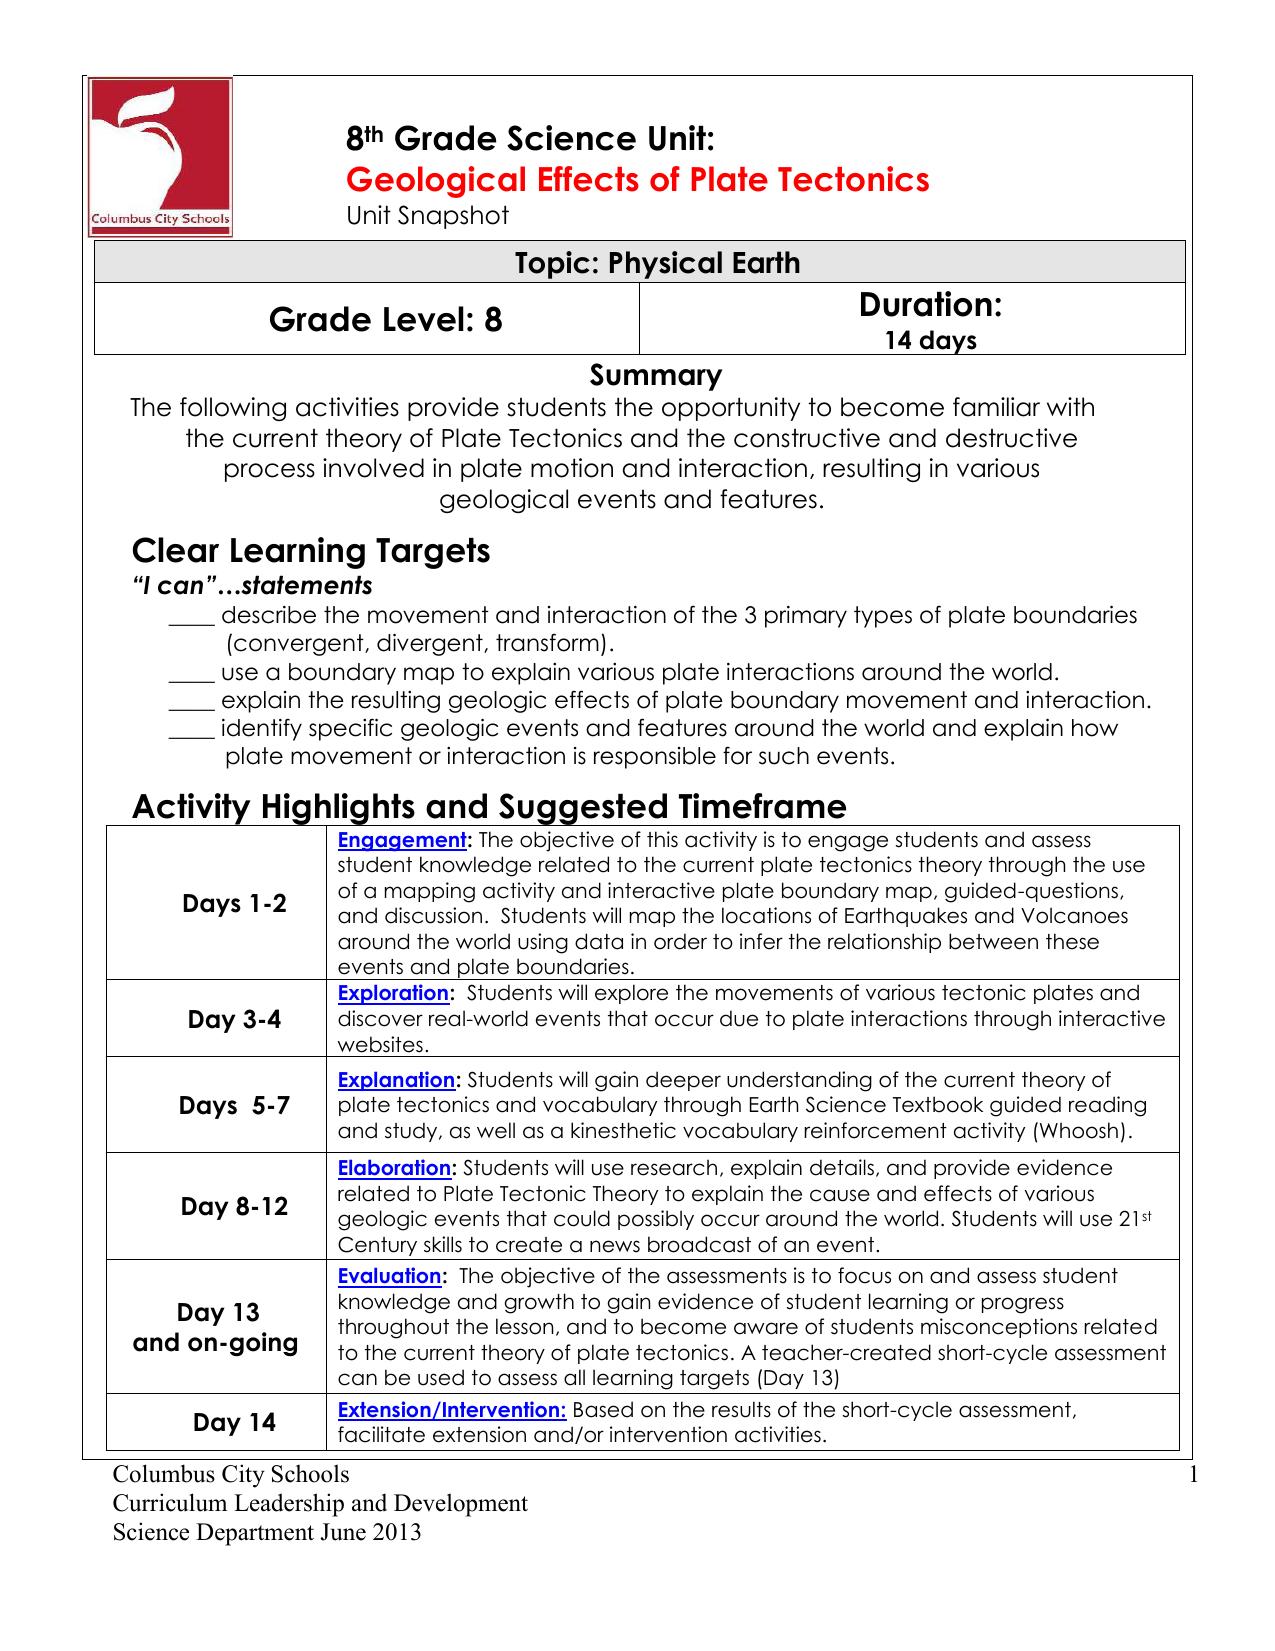 worksheet Types Of Plate Boundaries Worksheet usable types of plate boundaries worksheet goodsnyc com geological effects plate